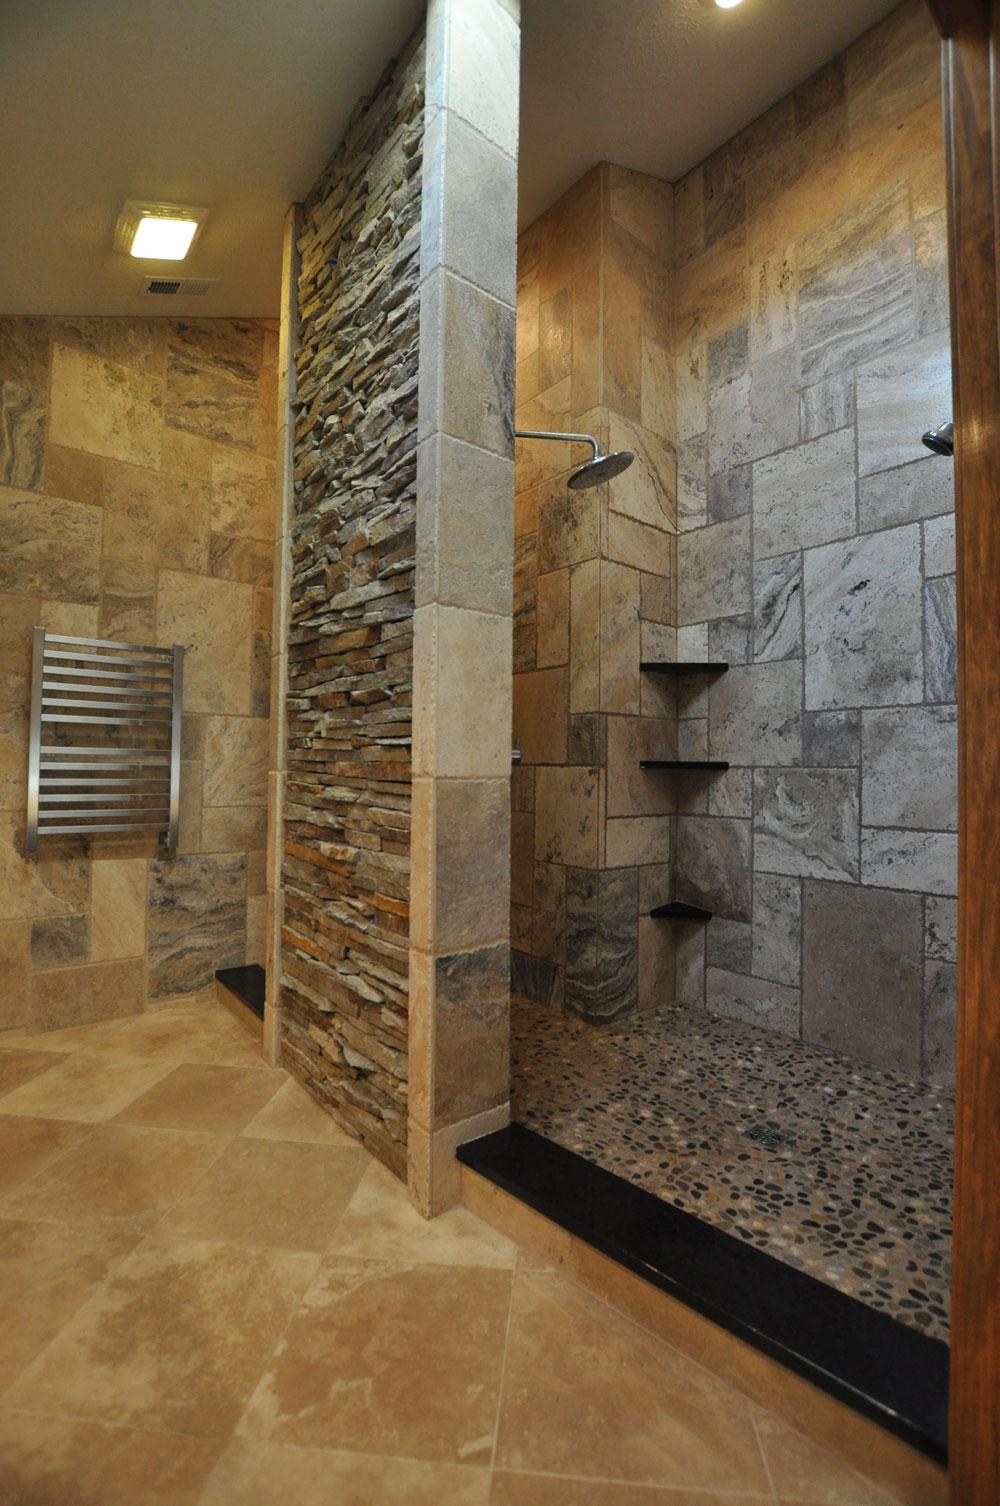 674-Kameni-podovi-prostoru-daju-notu-elegancije-i-luksuza